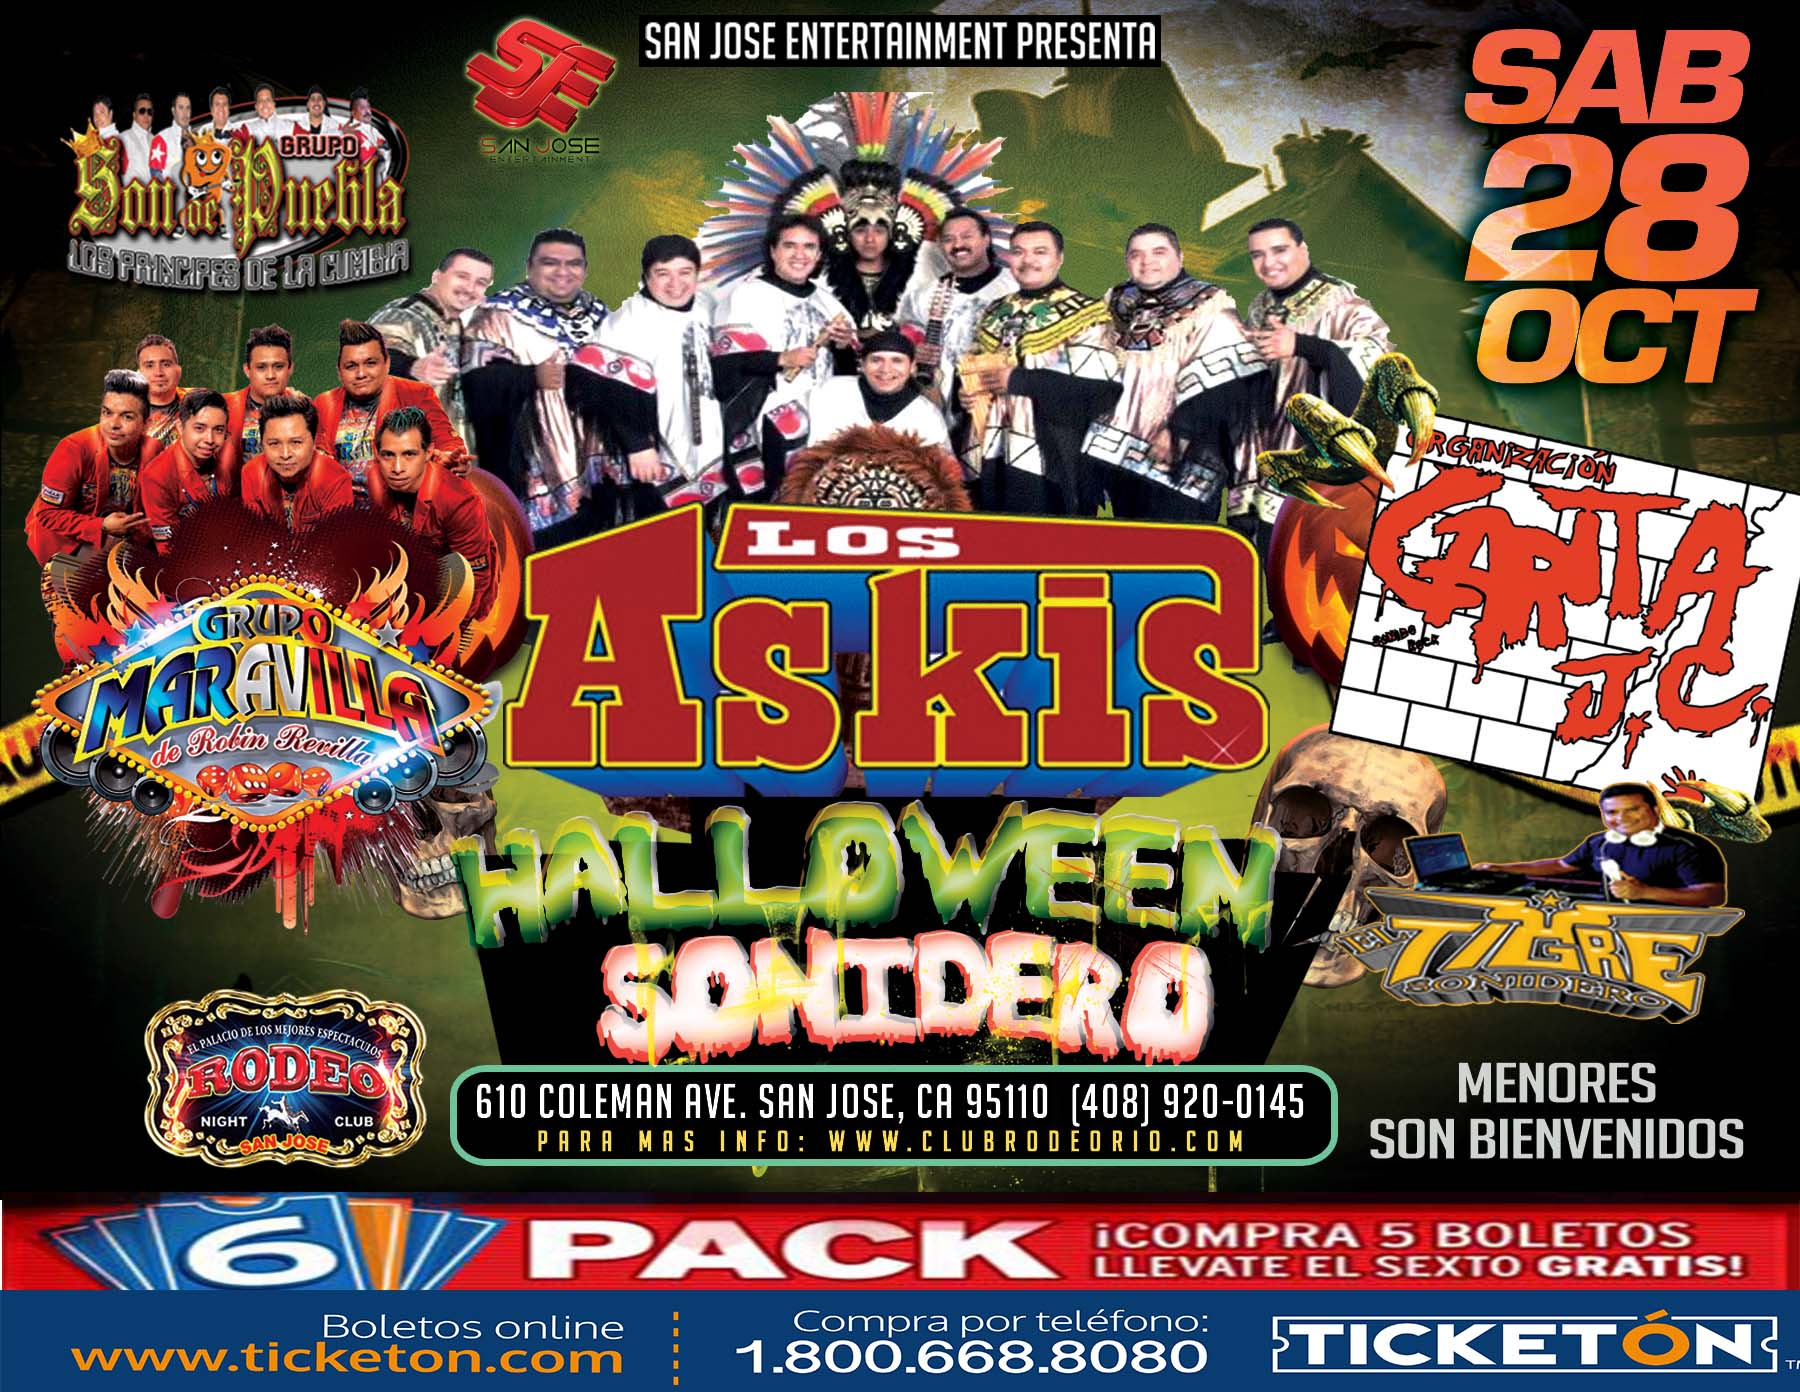 Los Askis San Jose Tickets Boletos Rodeo Nightclub